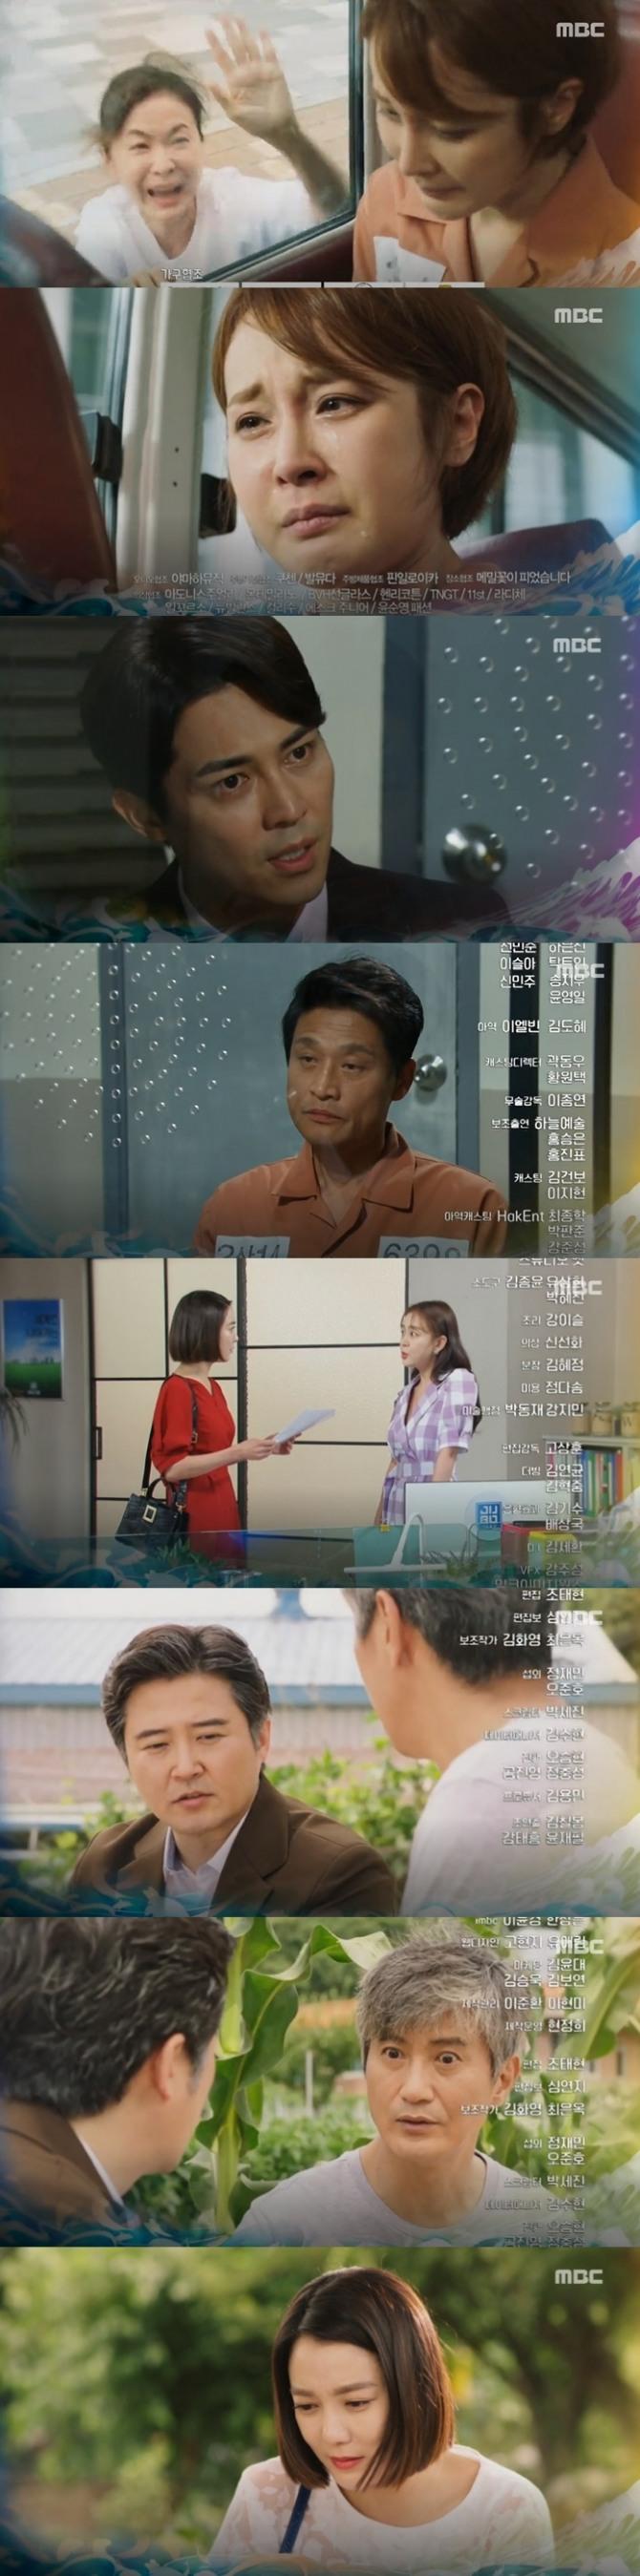 10일 오후 방송되는 MBC 일일드라마 '용왕님 보우하사' 119회에는 조지환(임호 분)이 친딸 심청이(조홍주, 이소연 분)를 프랑스로 전격 유학시키는 반전이 그려진다. 사진=MBC '용왕님 보우하사' 119회 예고 영상 캡처